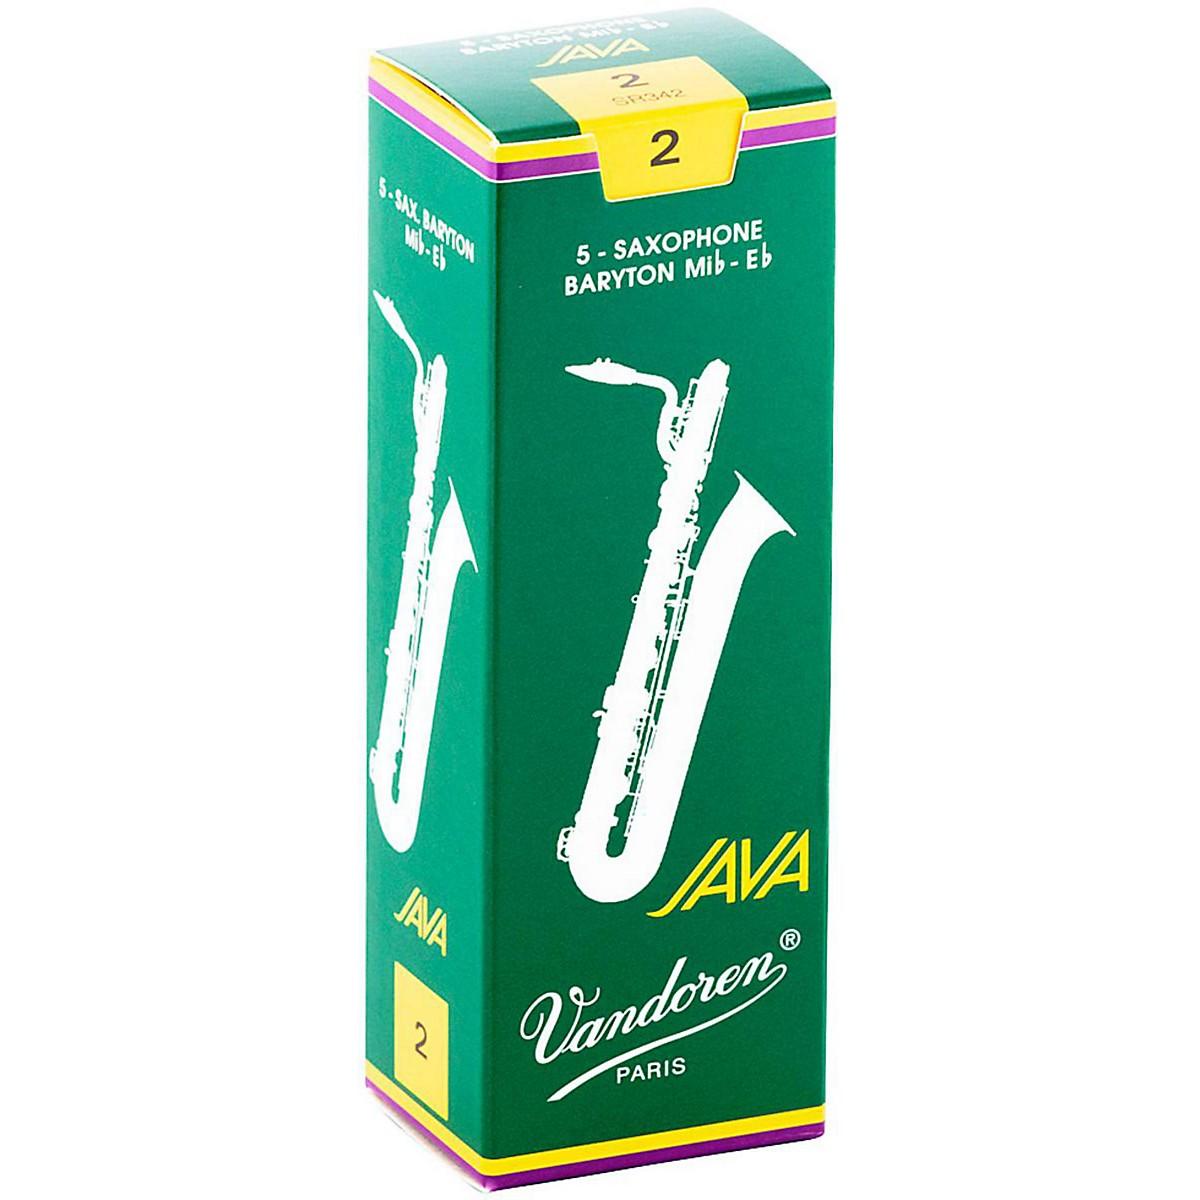 Vandoren Java Green Baritone Saxophone Reeds